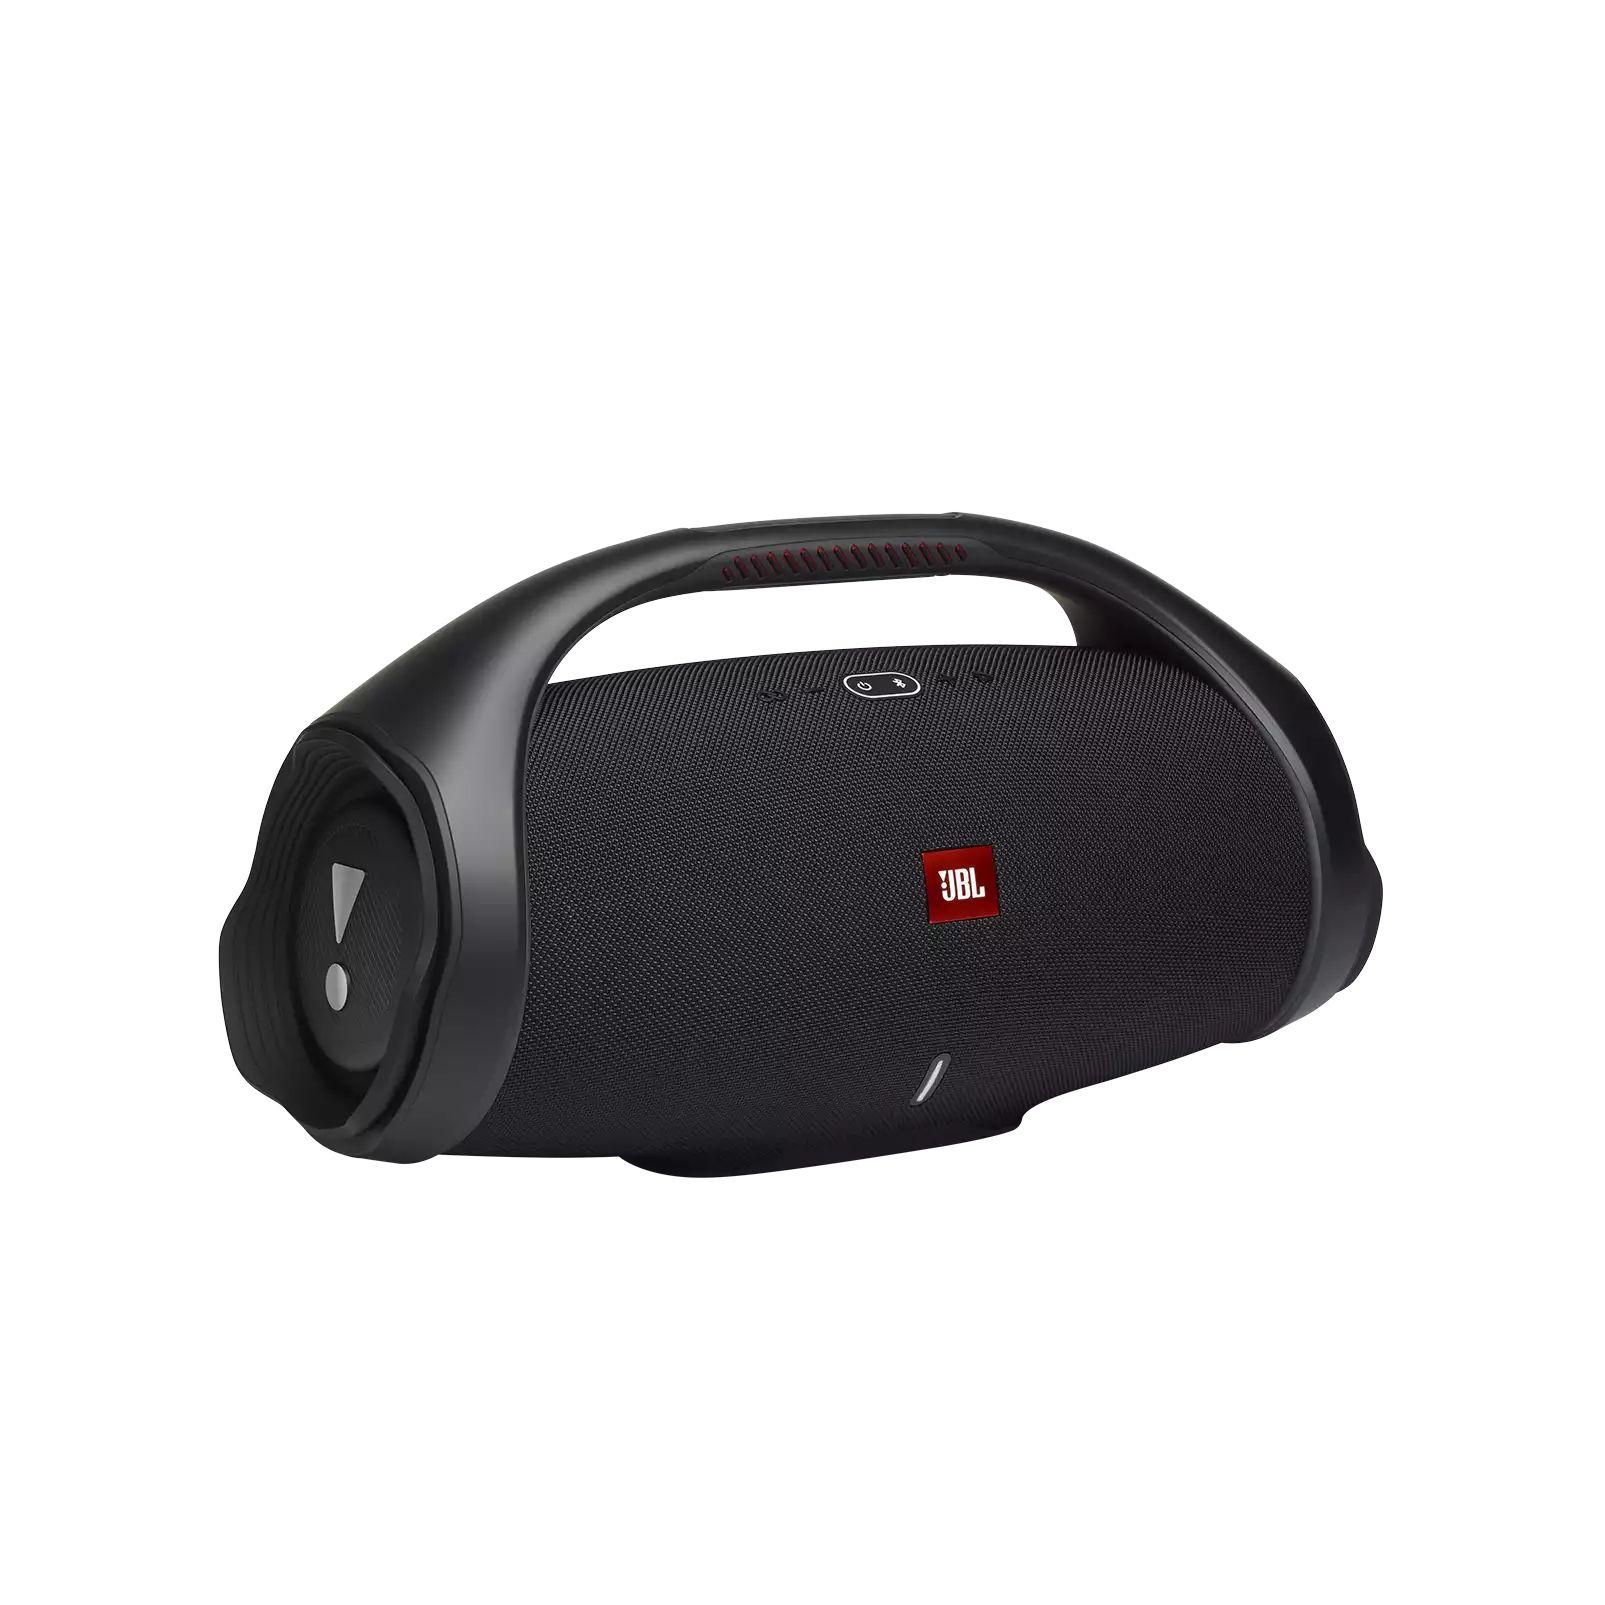 Caixa de Som Bluetooth Portátil JBL Boombox 2 IPX7 PartyBoost 80W - Preta JBLBOOMBOX2BLKBR